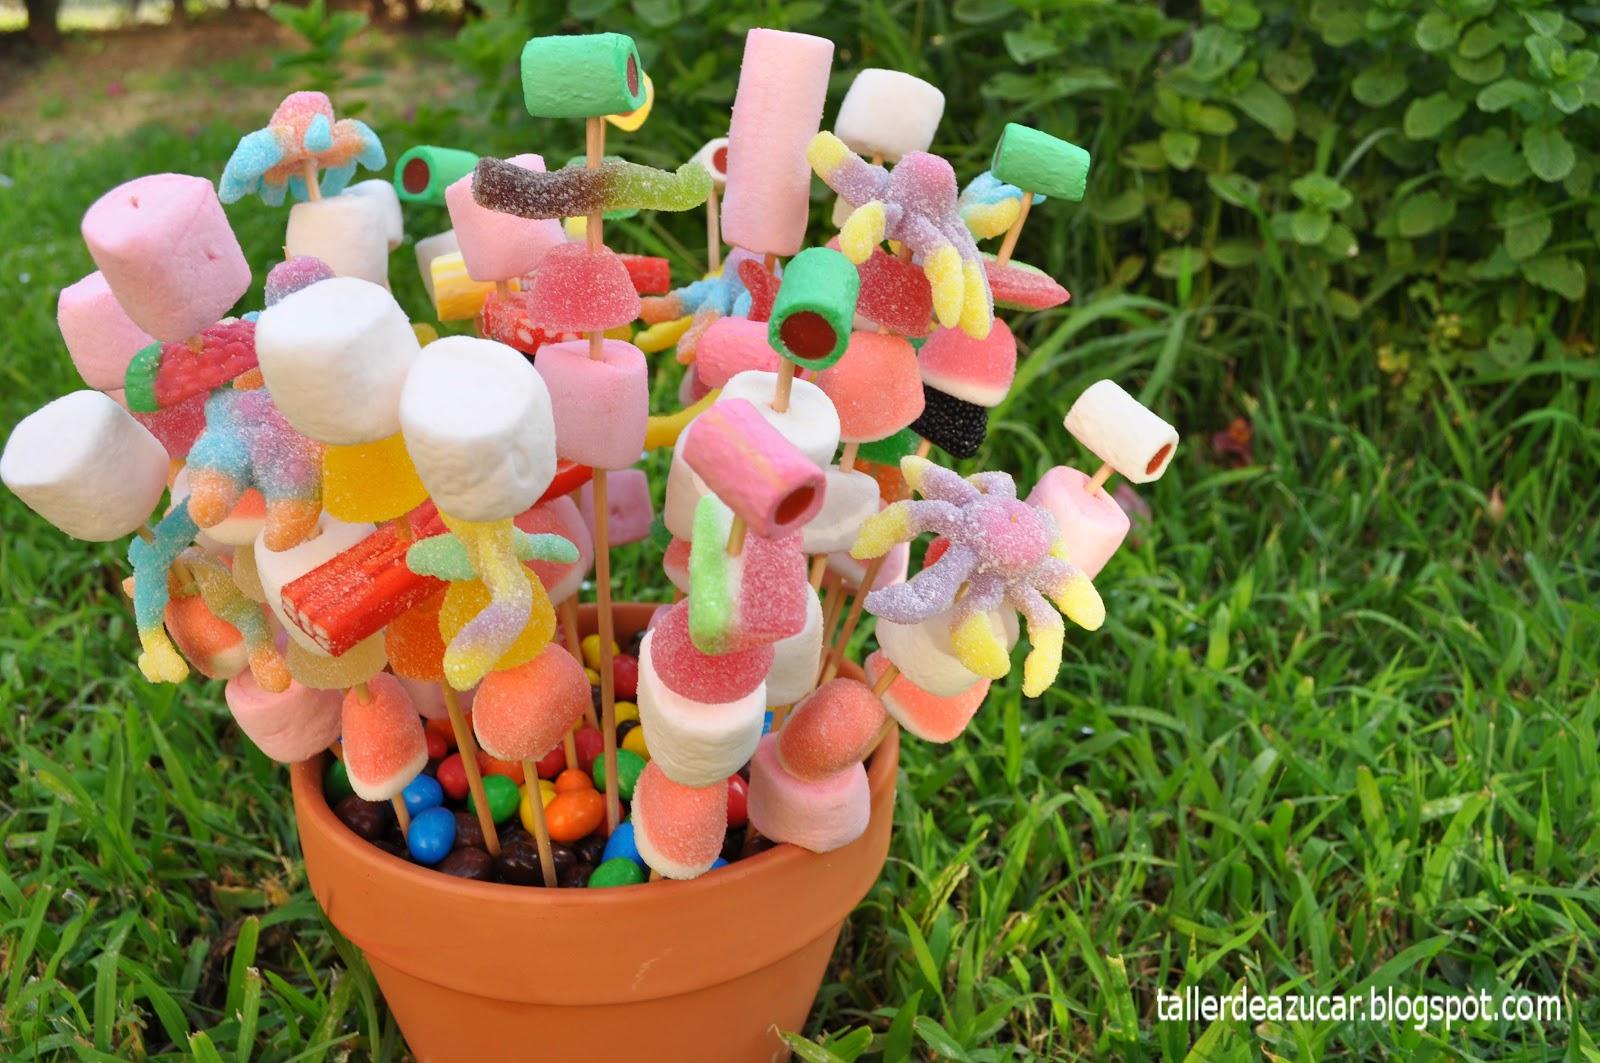 Taller de az car truco para hacer las brochetas dulces - Como hacer figuras con chuches ...